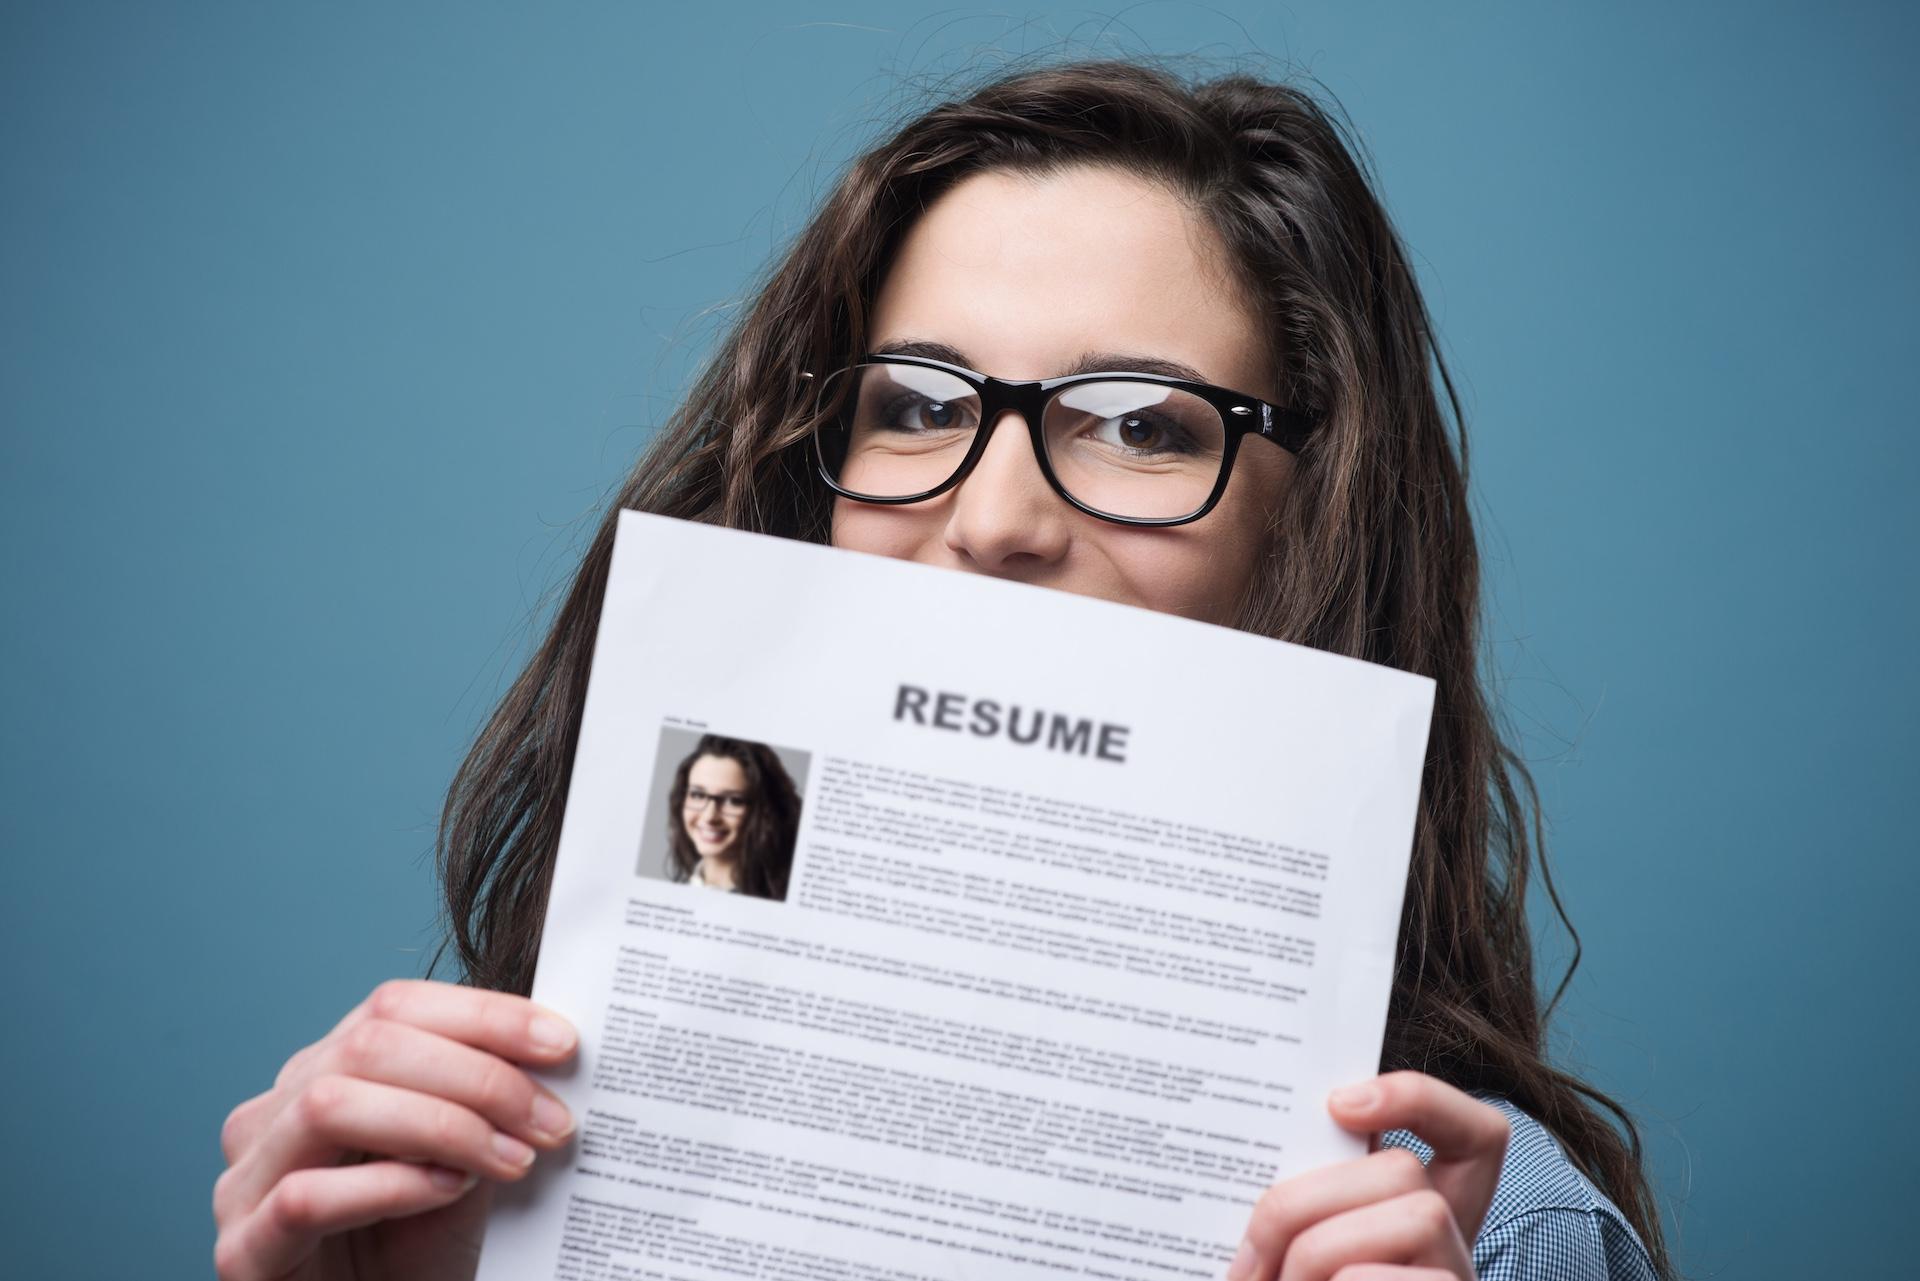 那些 HR 沒辦法對妳開口的事:妳很好,但妳的履歷不夠好